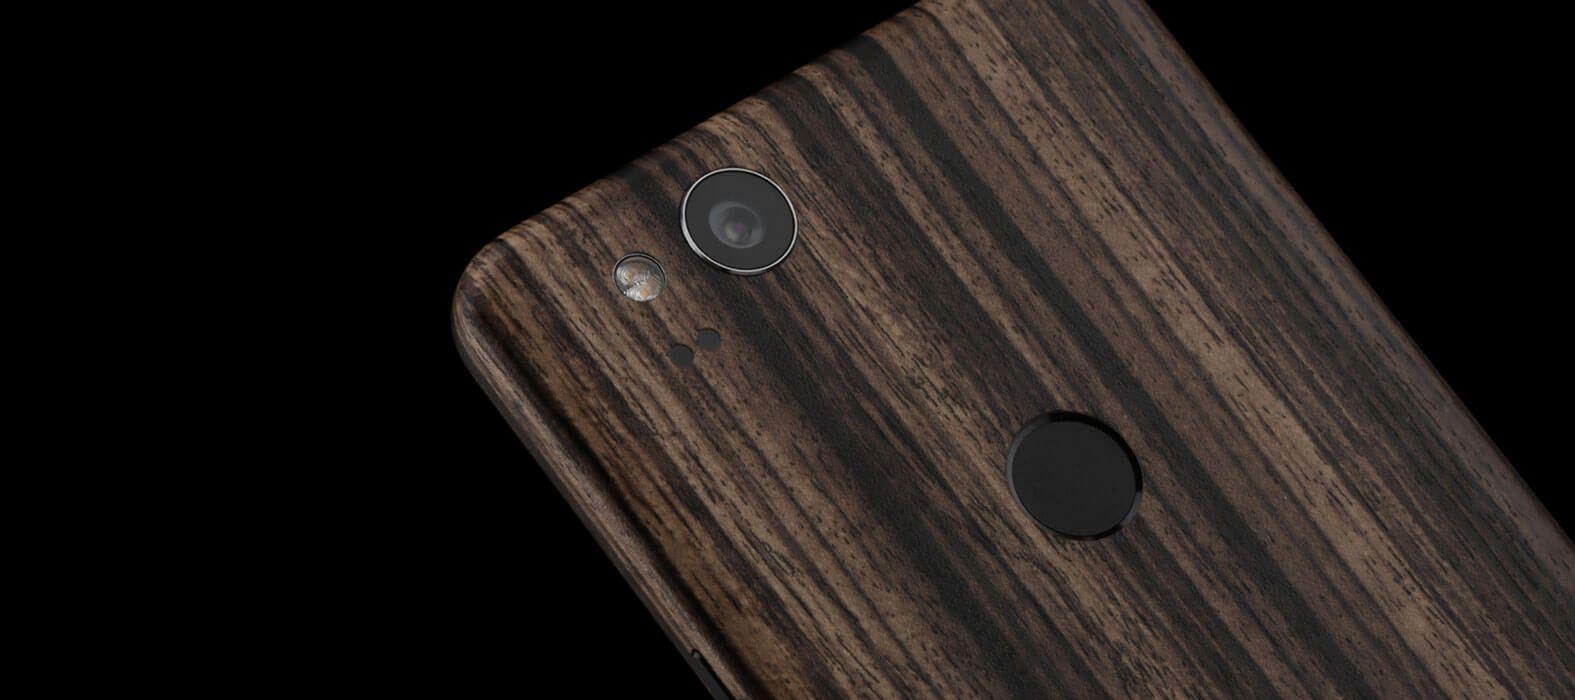 Pixel 2 Wraps, Skins, Decals - Zebra Wood